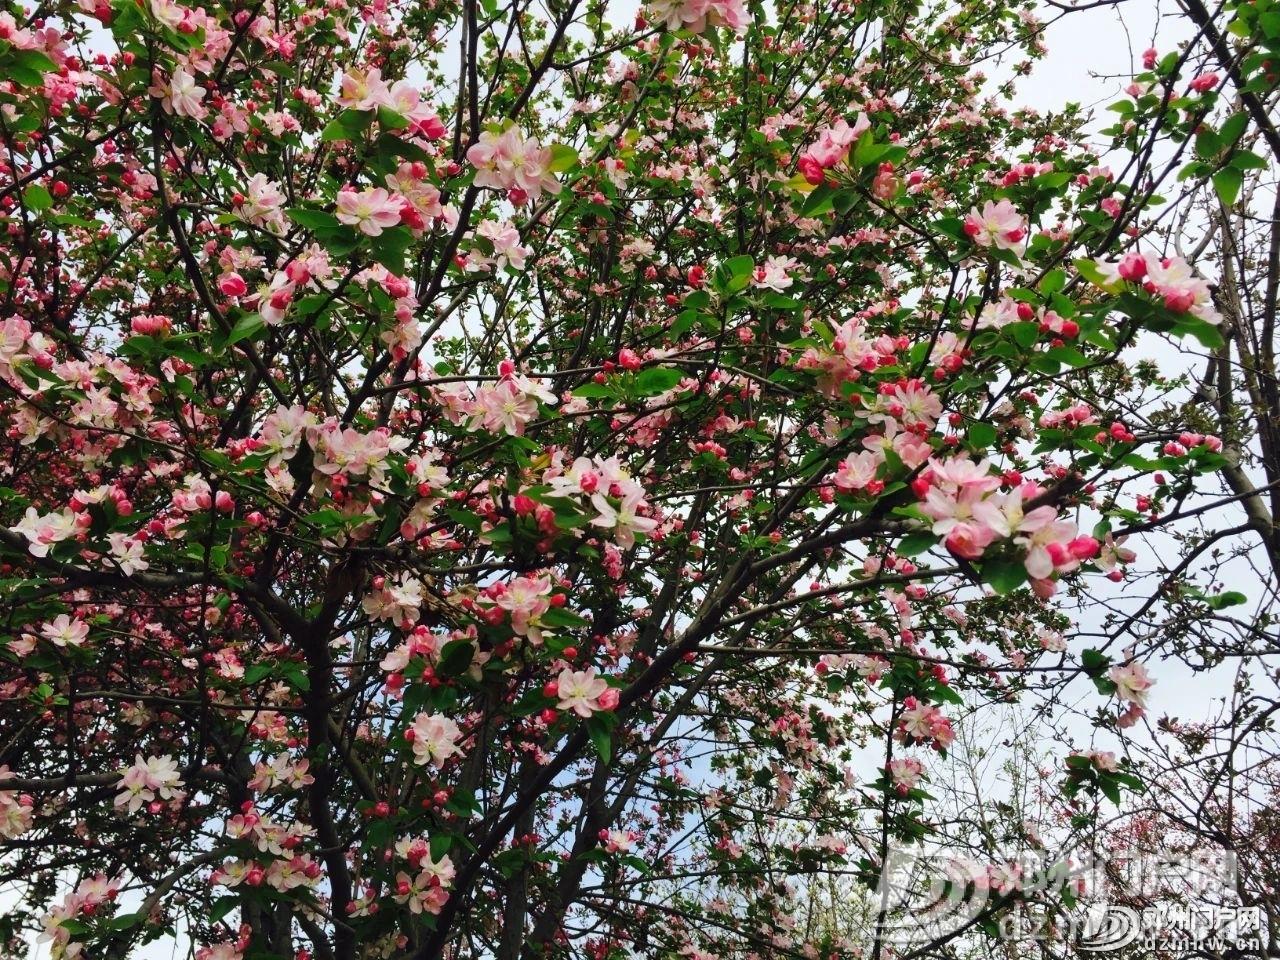 春暖花开,邓州,久等了! - 邓州门户网|邓州网 - 1d3b19bbf83528f5880c05ed7de0e703.jpg